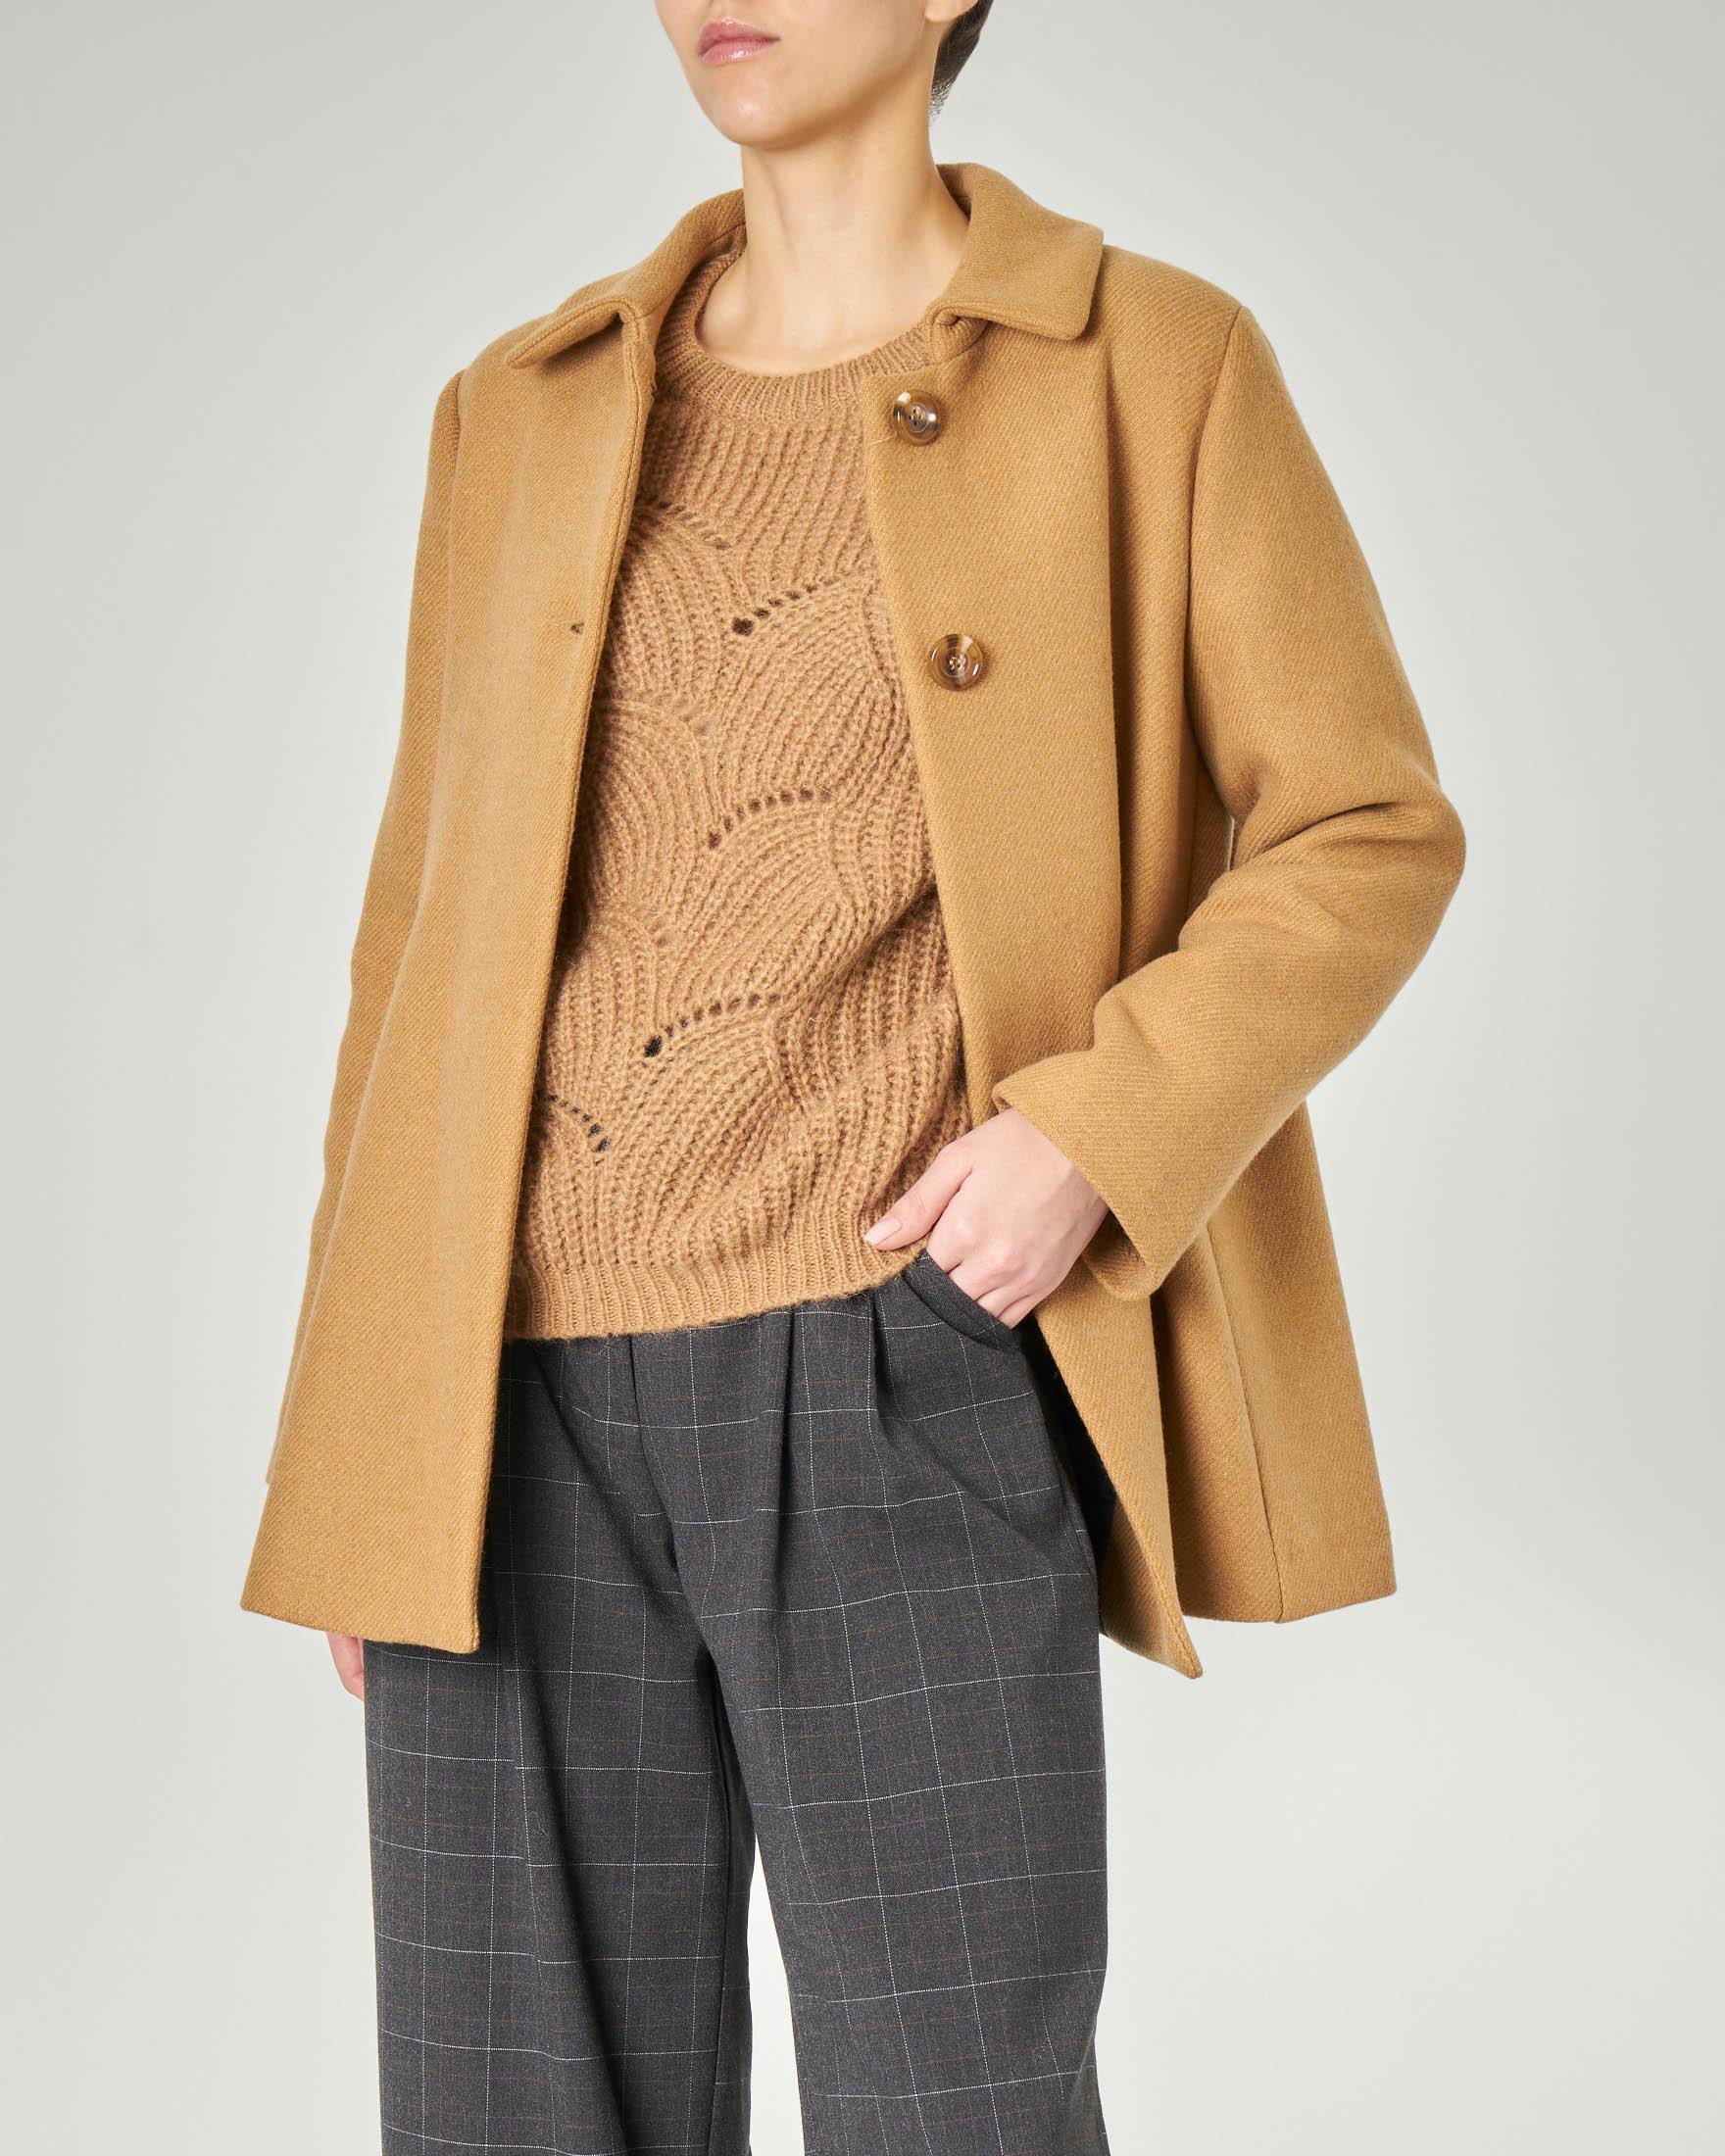 Cappottino color cammello in tessuto misto lana con lavorazione diagonale con spacco sul retro